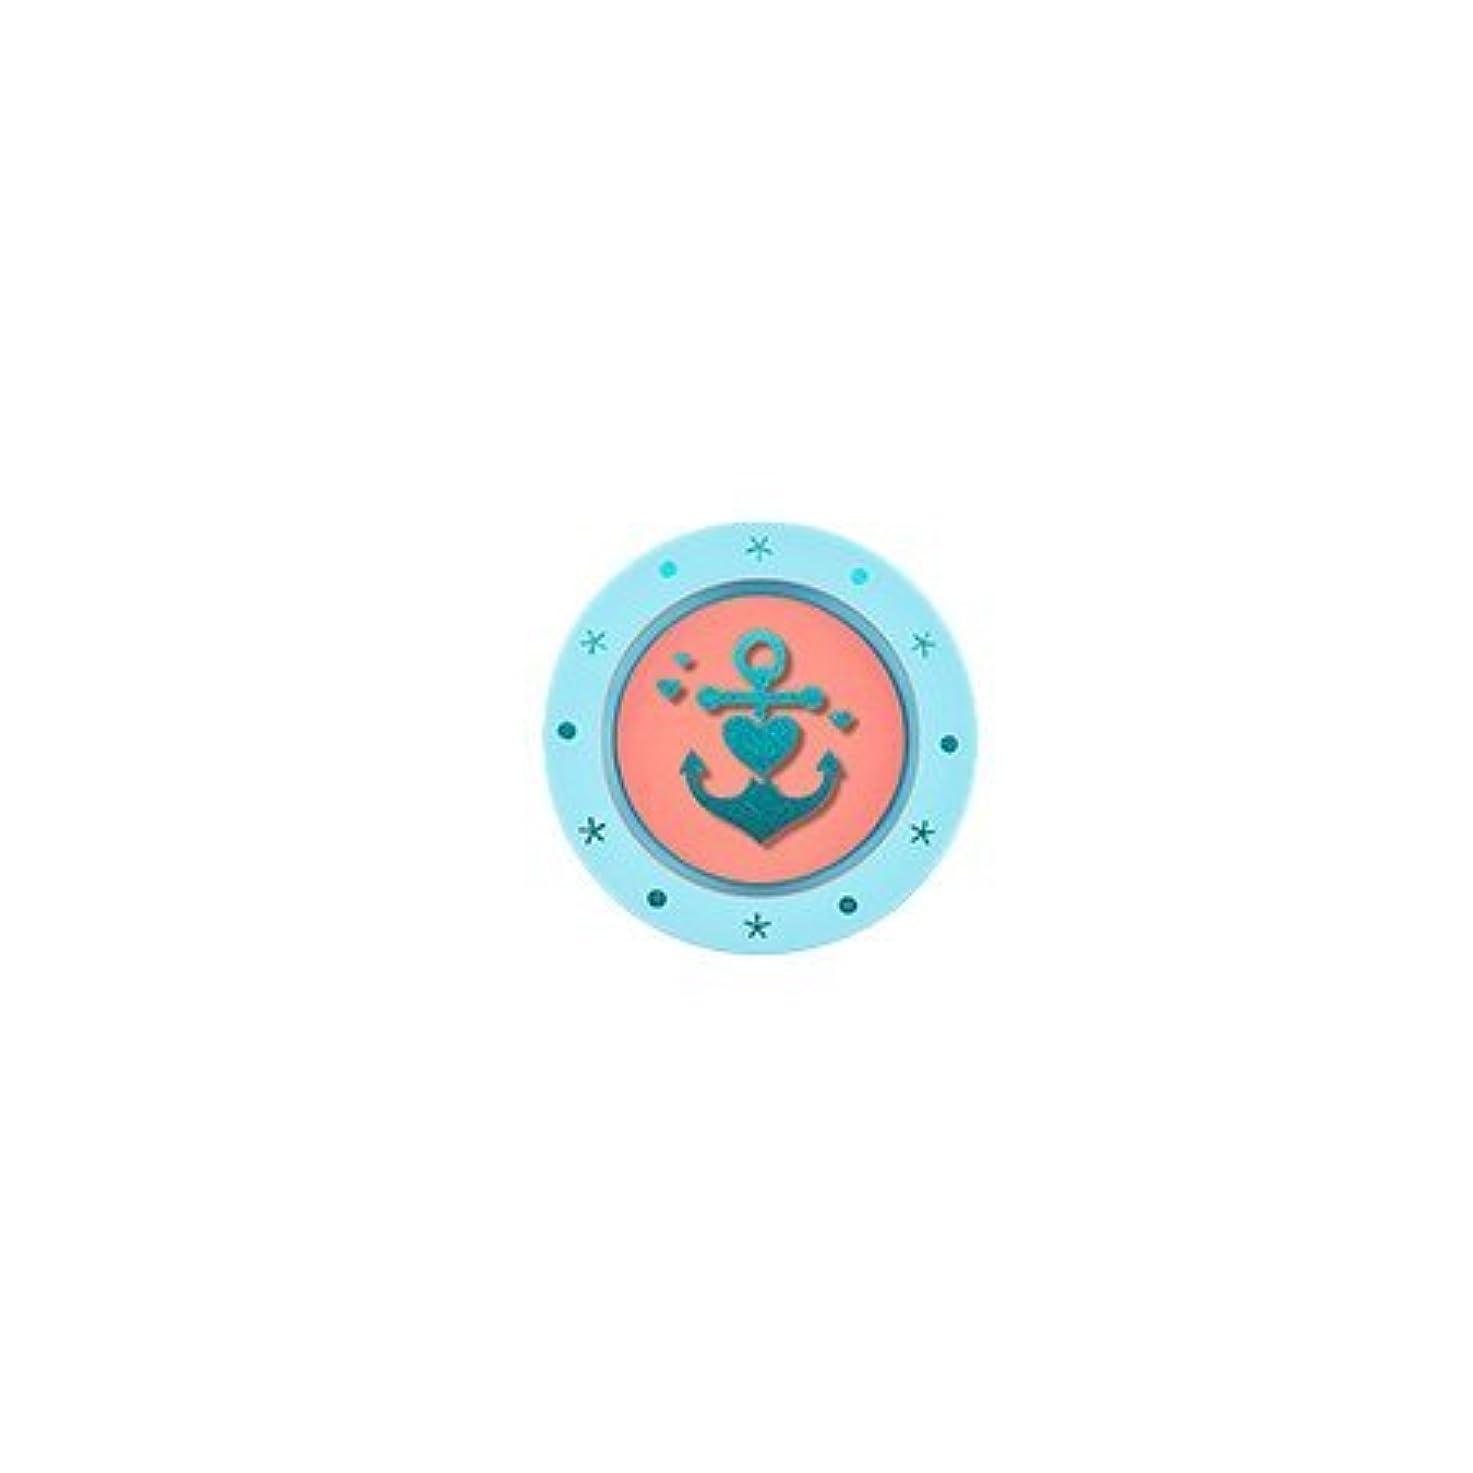 高いキャロラインキャプションアリタウム マーメイド コレクション モノ アイズ 1.4g / ARITAUM Mono Eyes Mermaid Collection (# M21 Coral Bay) [並行輸入品]